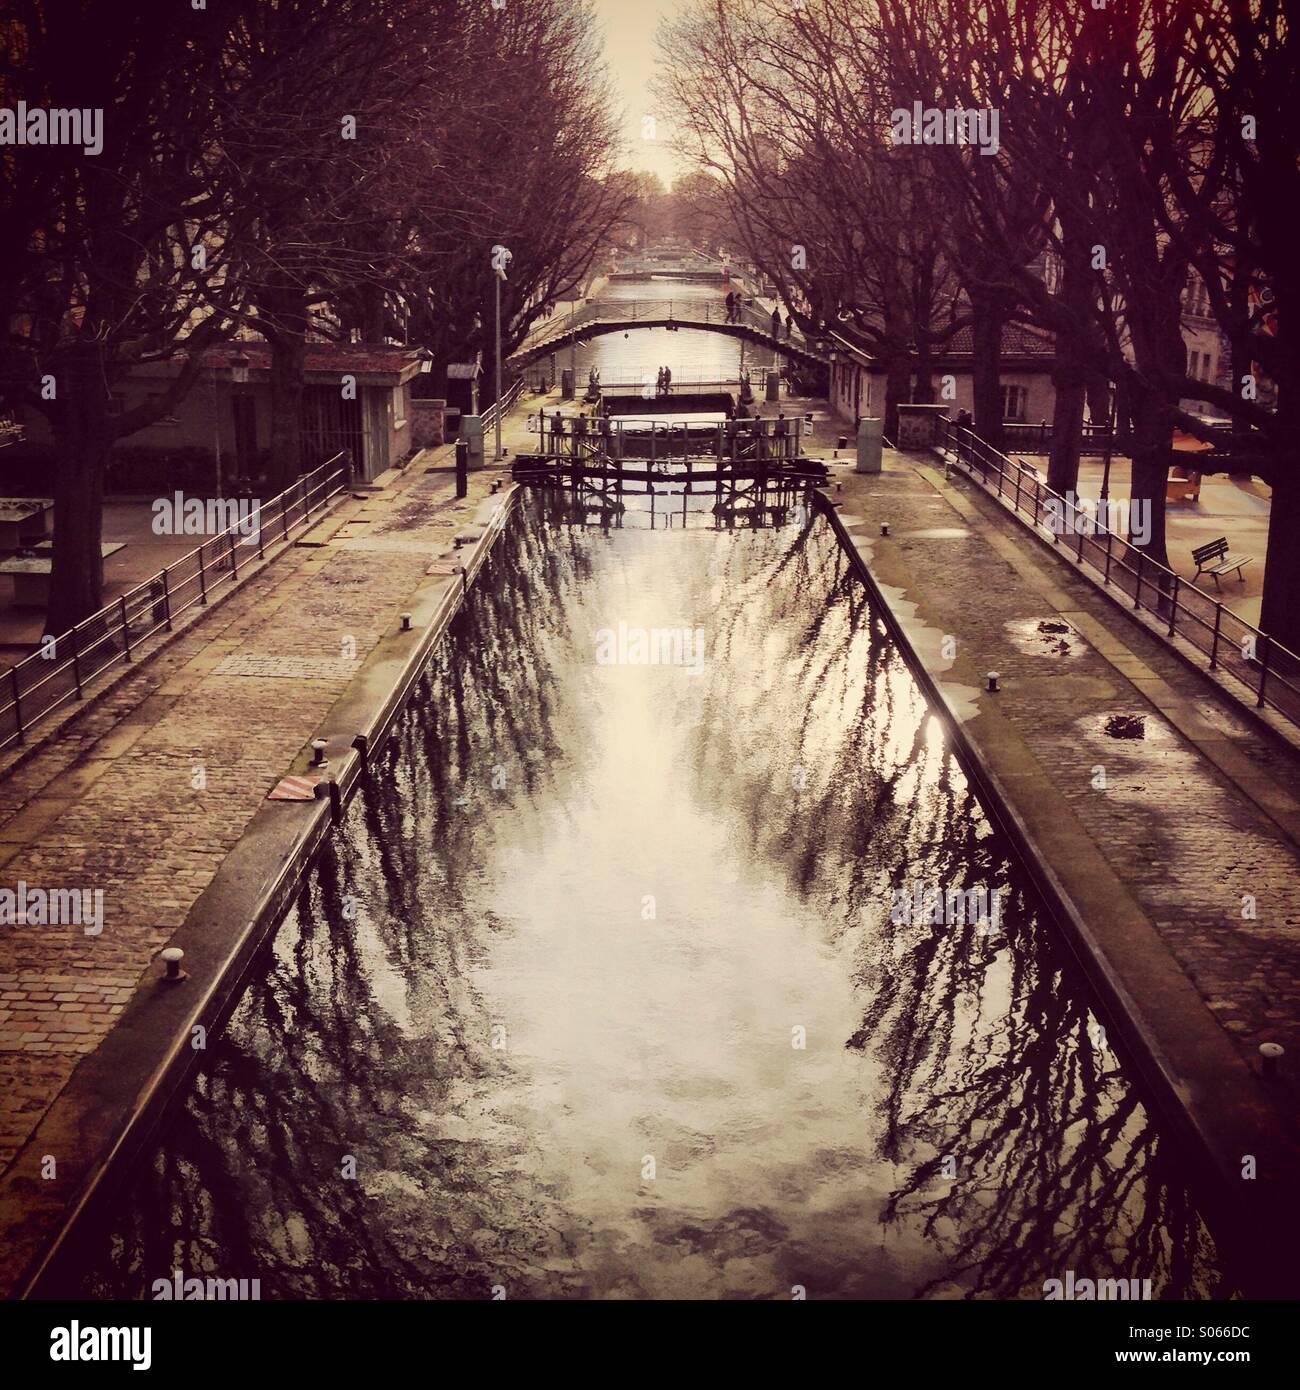 Canal Saint Martin per l'inverno. Malinconic e magica atmosfera di Parigi. Immagini Stock